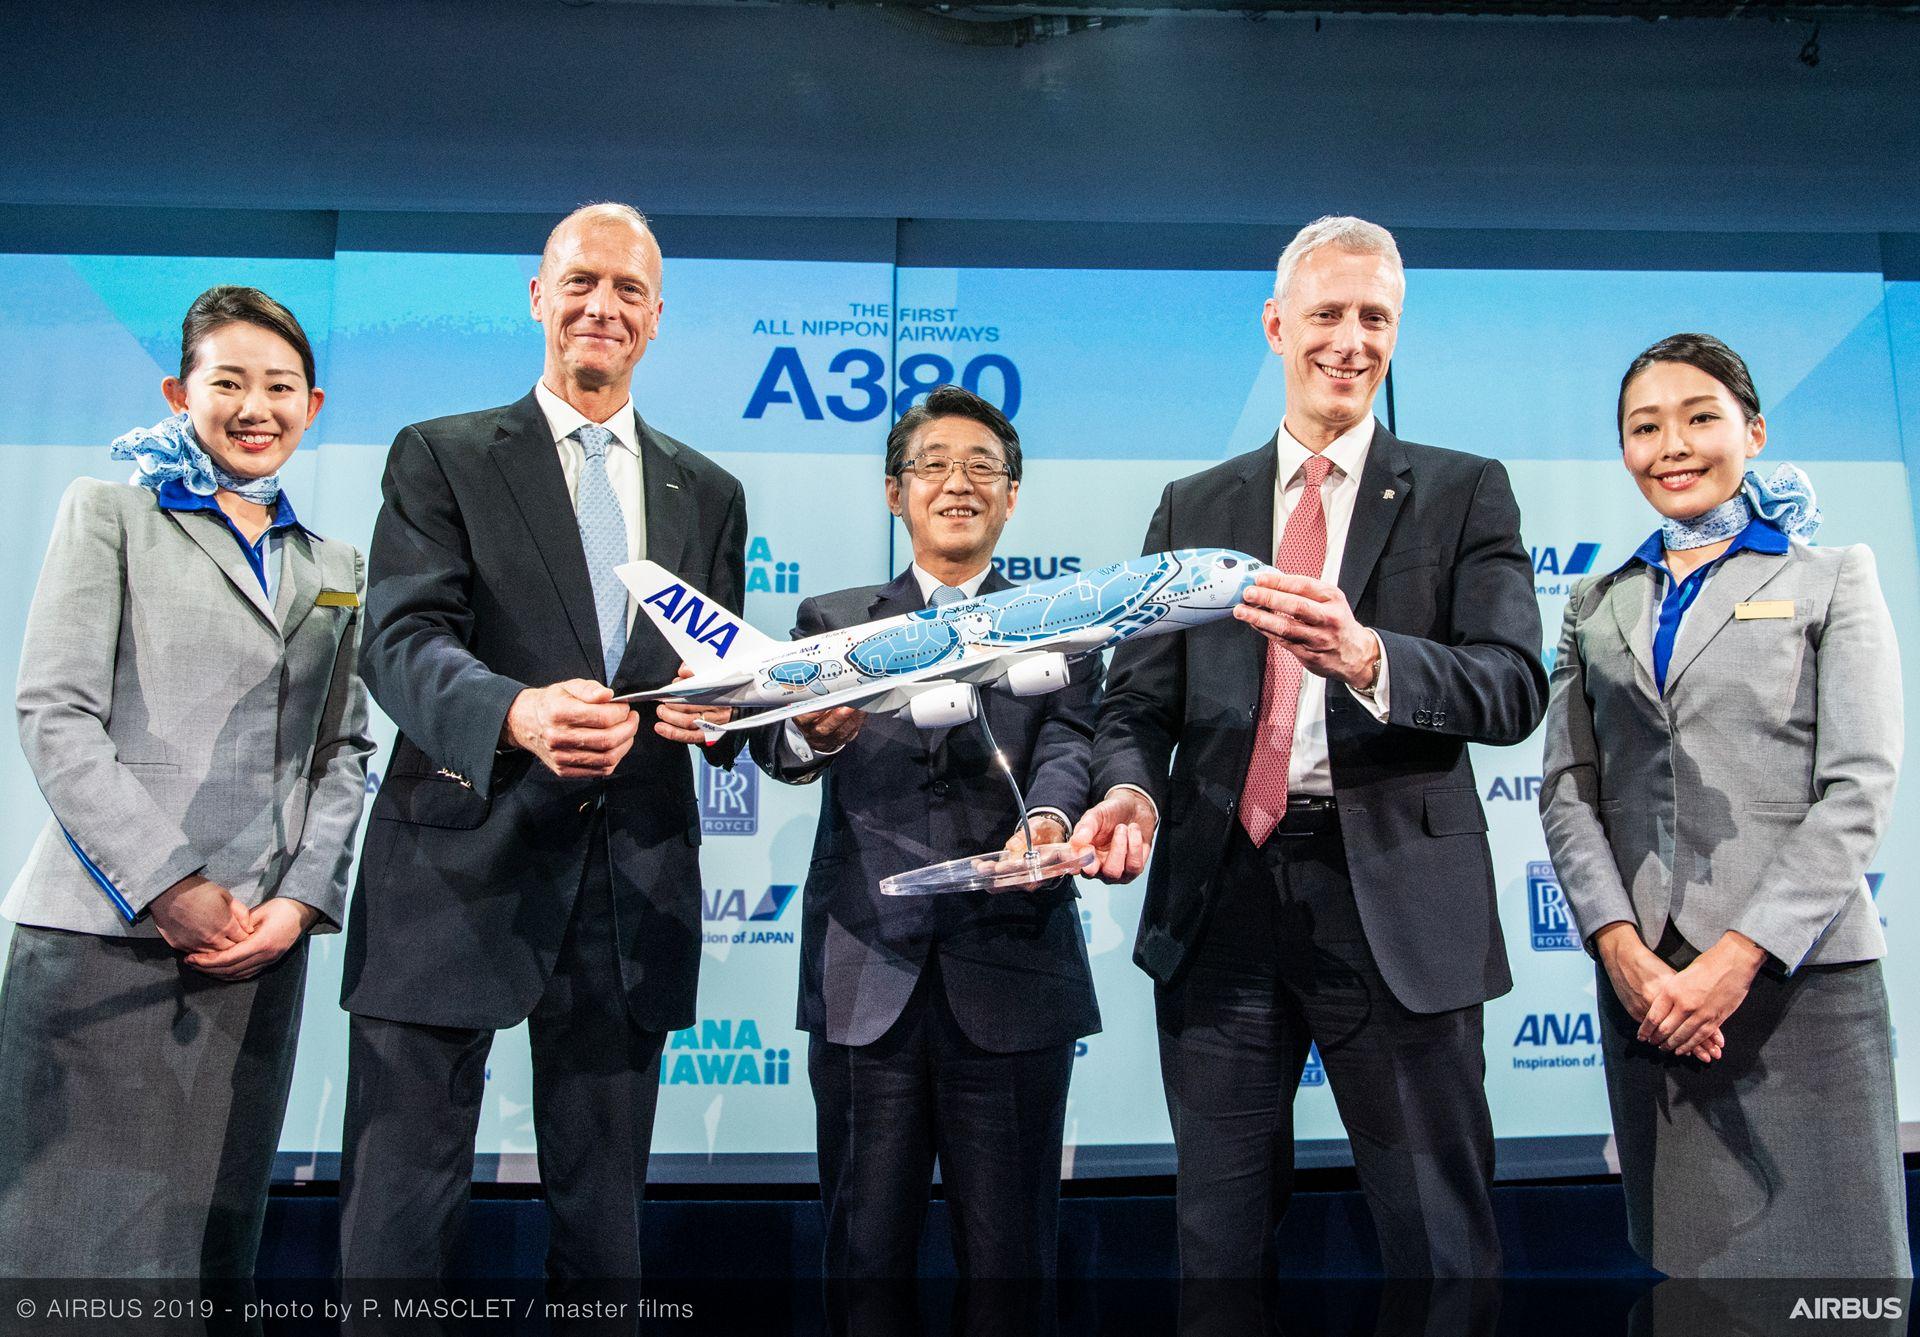 Ceremonia de entrega del primer Airbus A380 de All Nippon Airways.